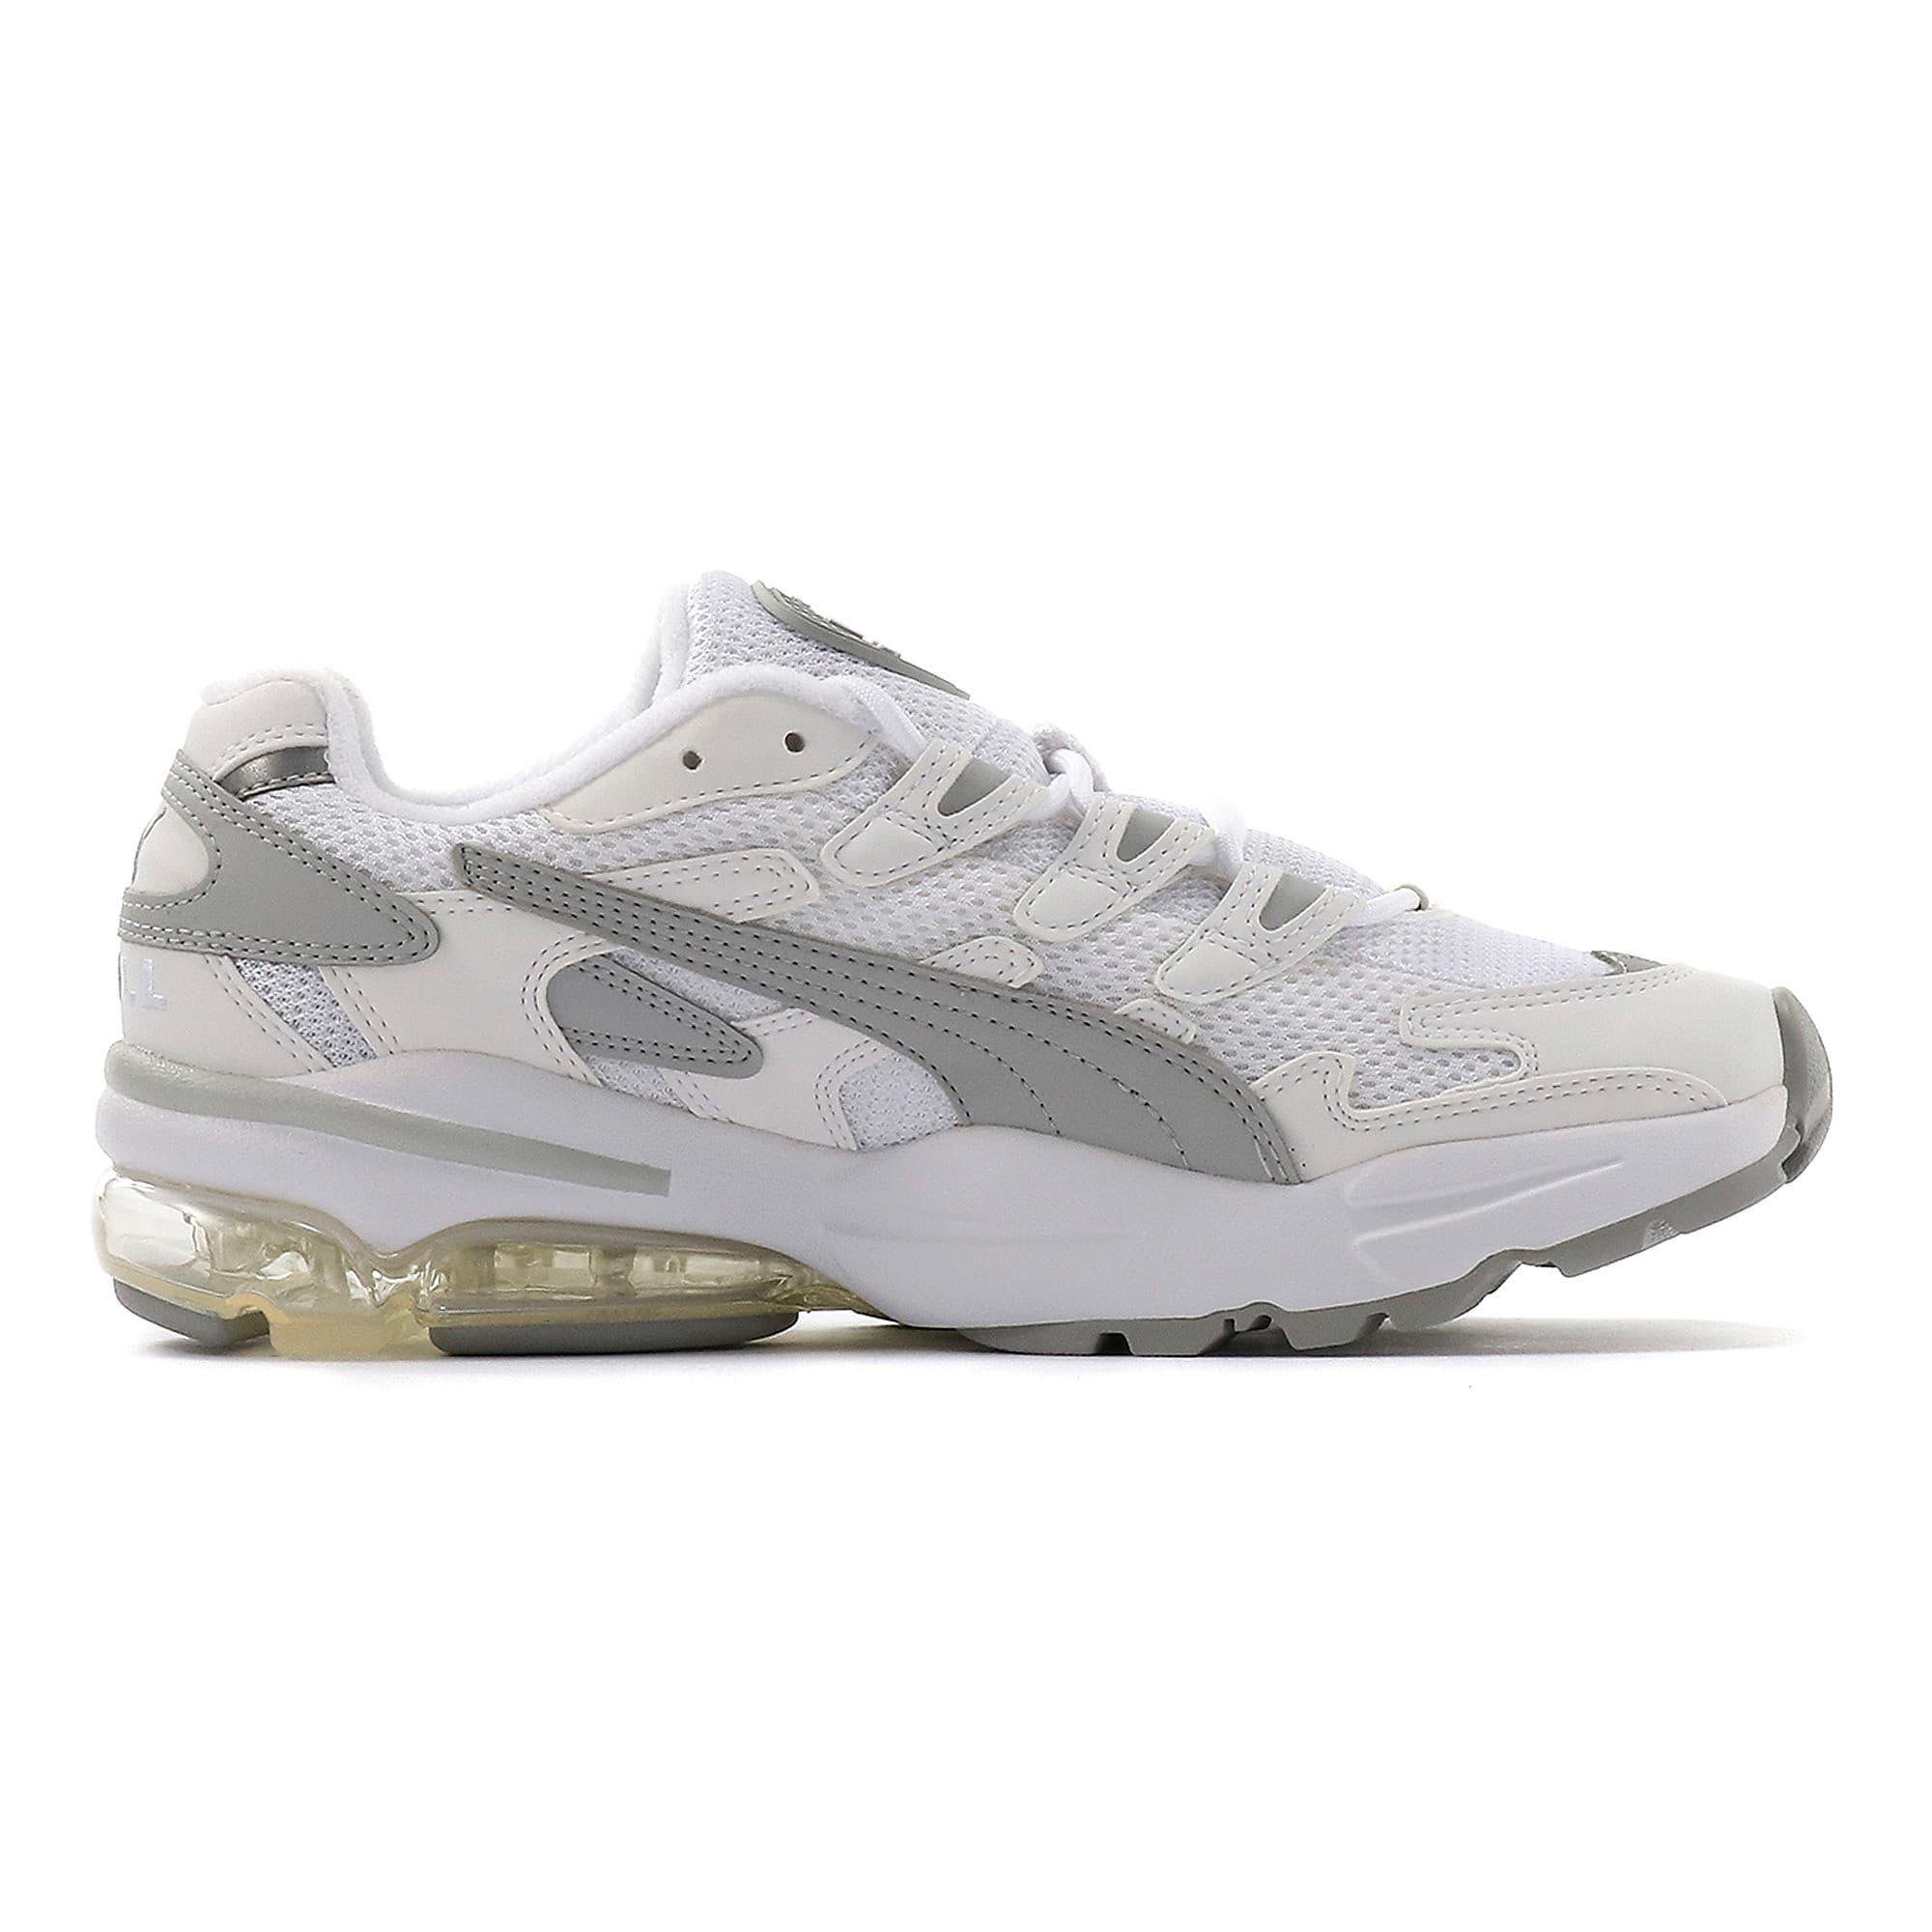 Thumbnail 5 of CELL Alien OG Sneakers, Puma White-High Rise, medium